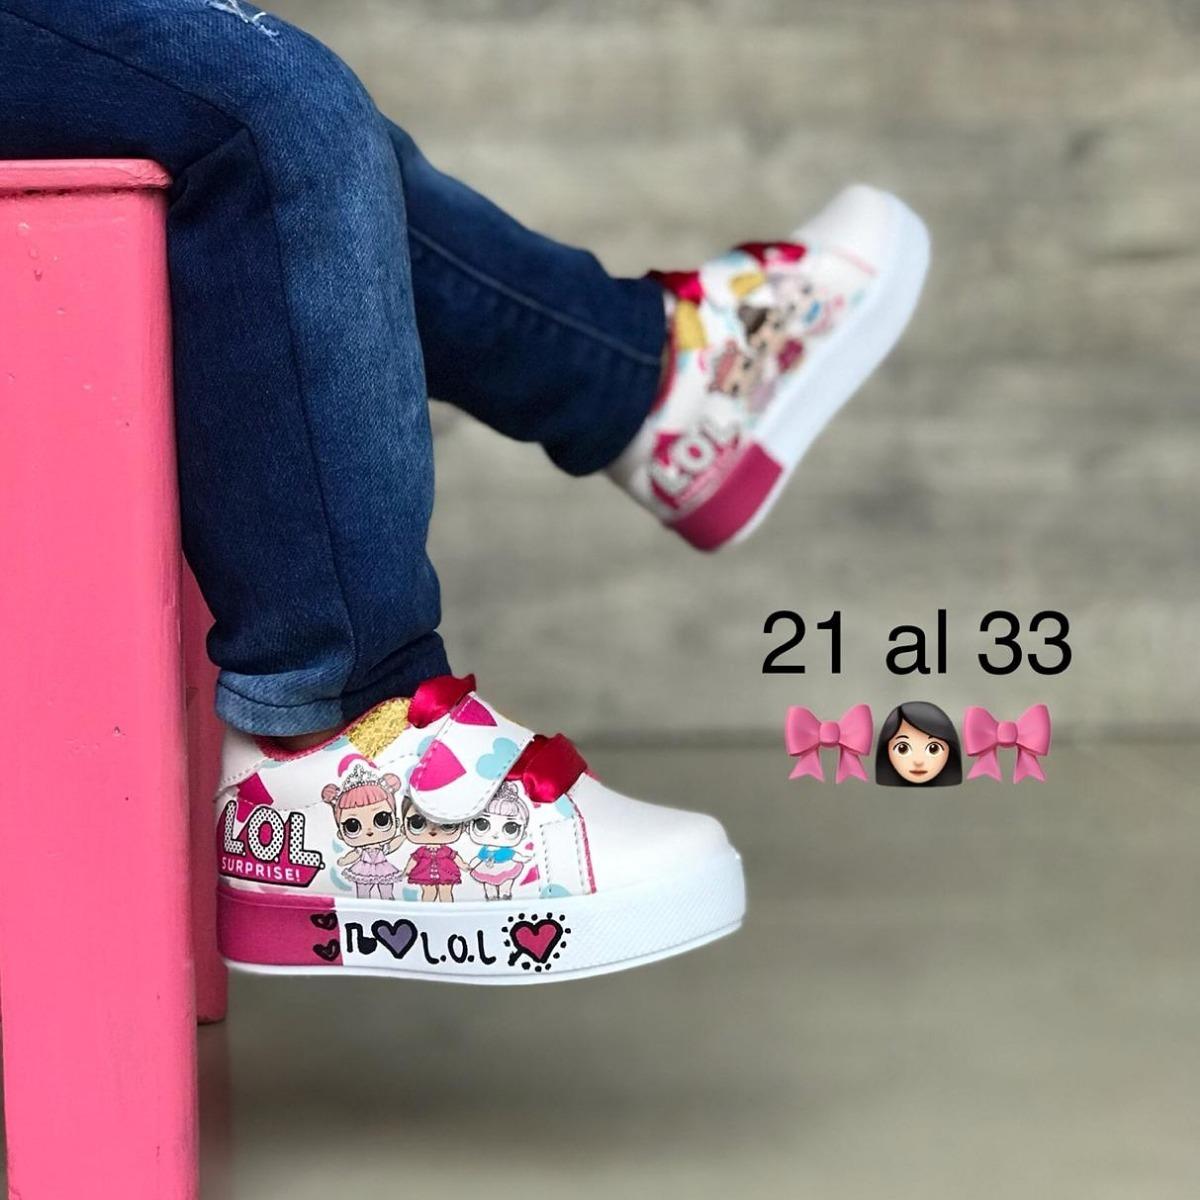 c6325261 Zapatos Para Niñas Lol Surprise Colombianos - Bs. 89.000,00 en ...